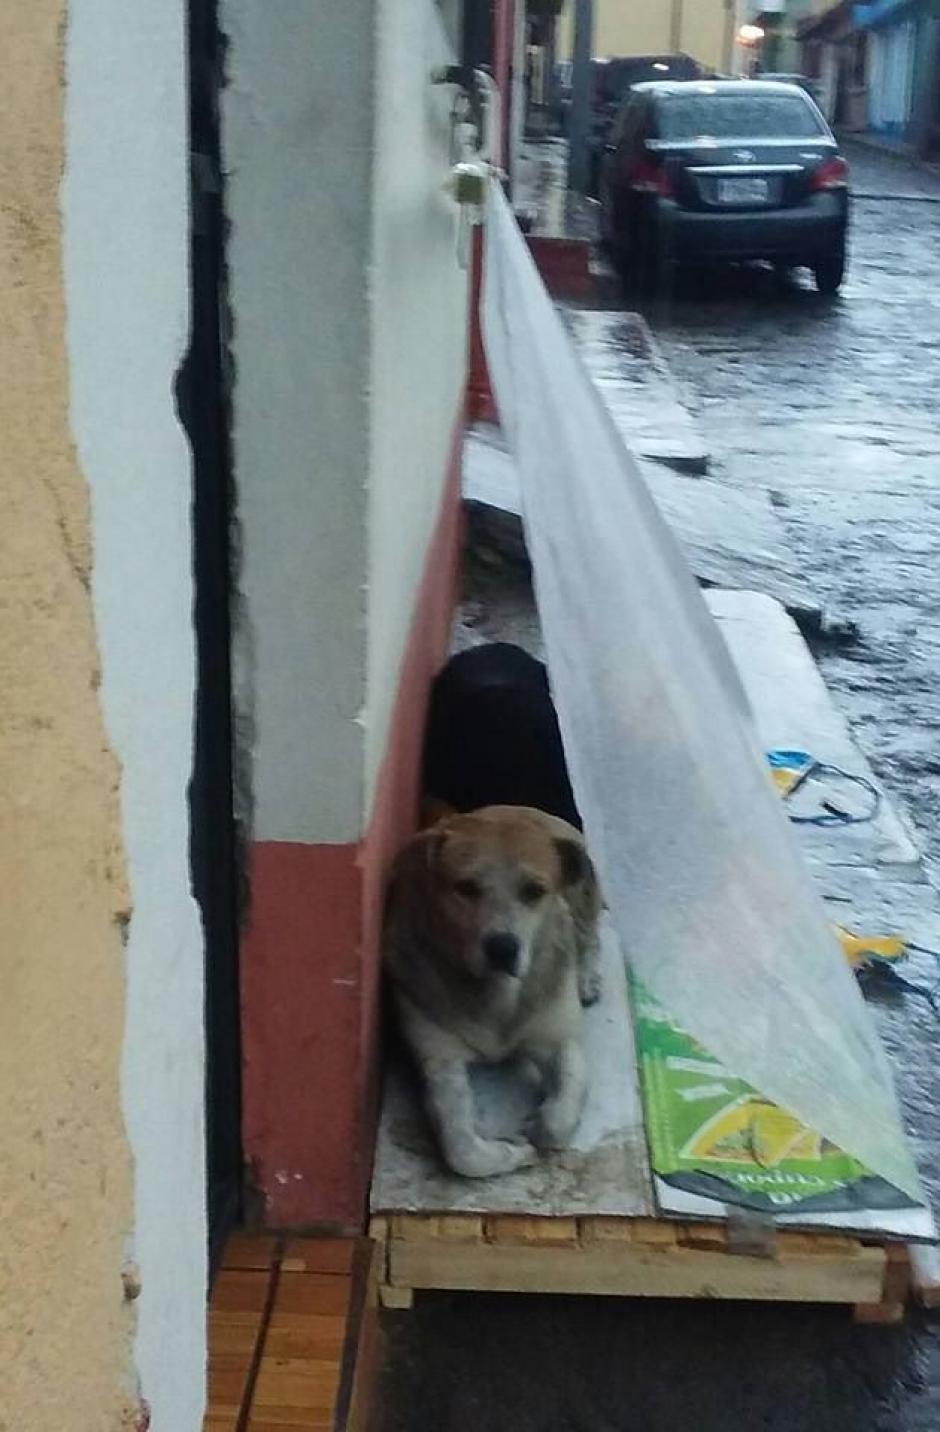 El noble gesto tuvo lugar en Quetzaltenango. (Foto: Facebook/Noemii Morålles)